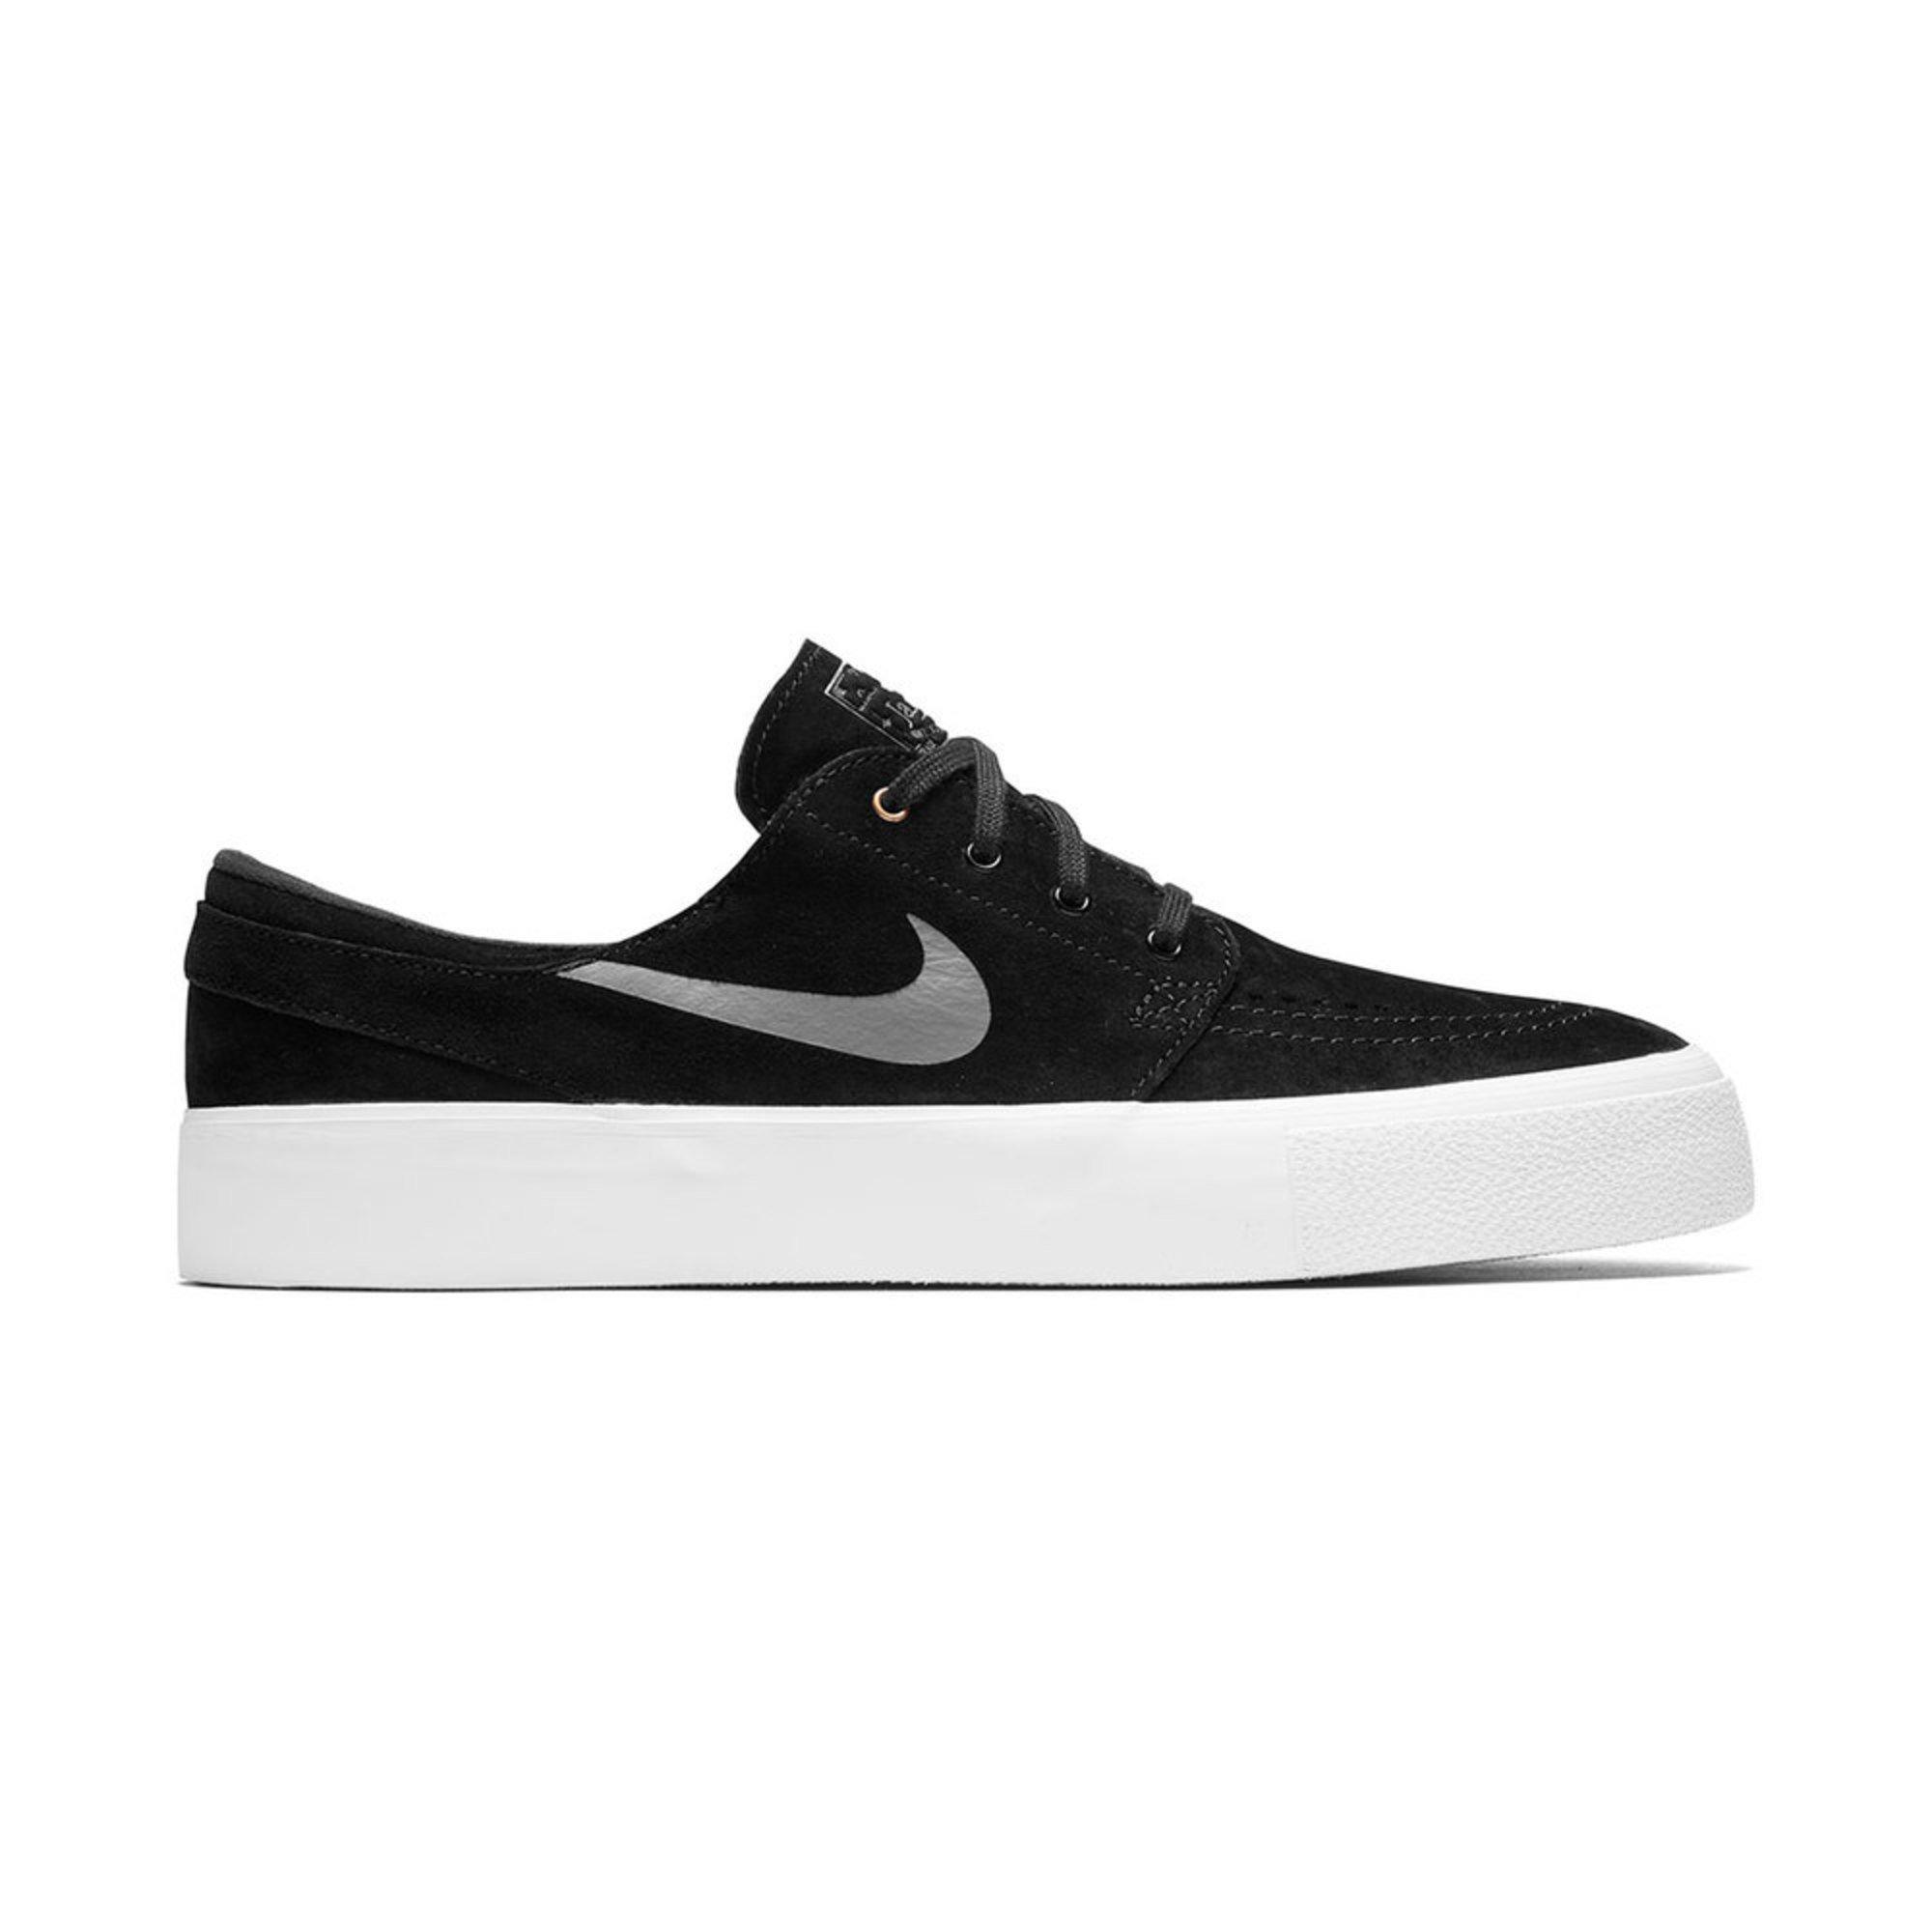 Nike. Nike SB Zoom Stefan Janoski HT Men's Skate Shoe - Black / Dark Grey  ...